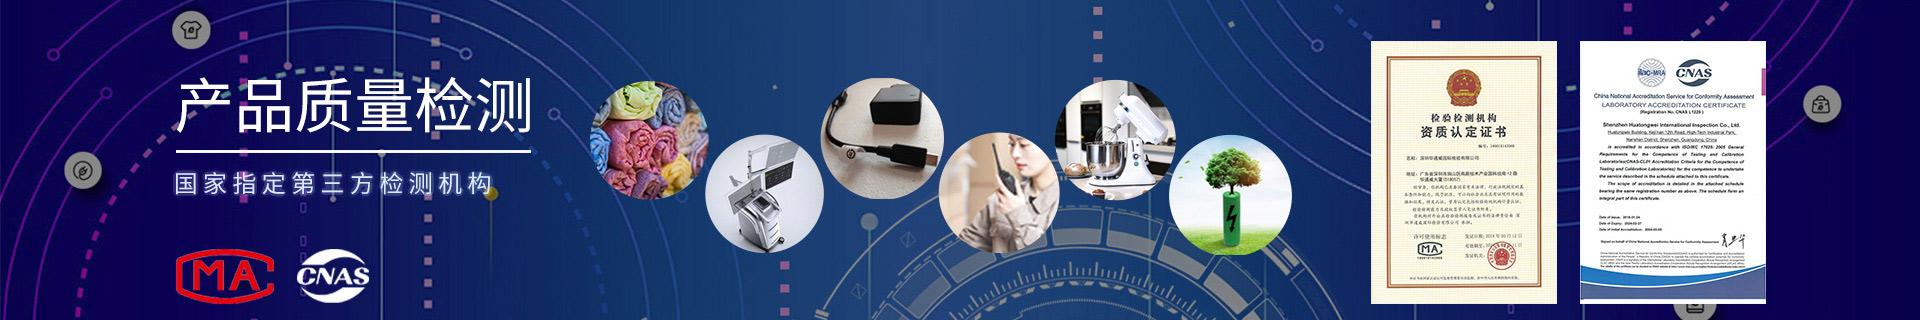 实验室设备米乐m6app官网下载